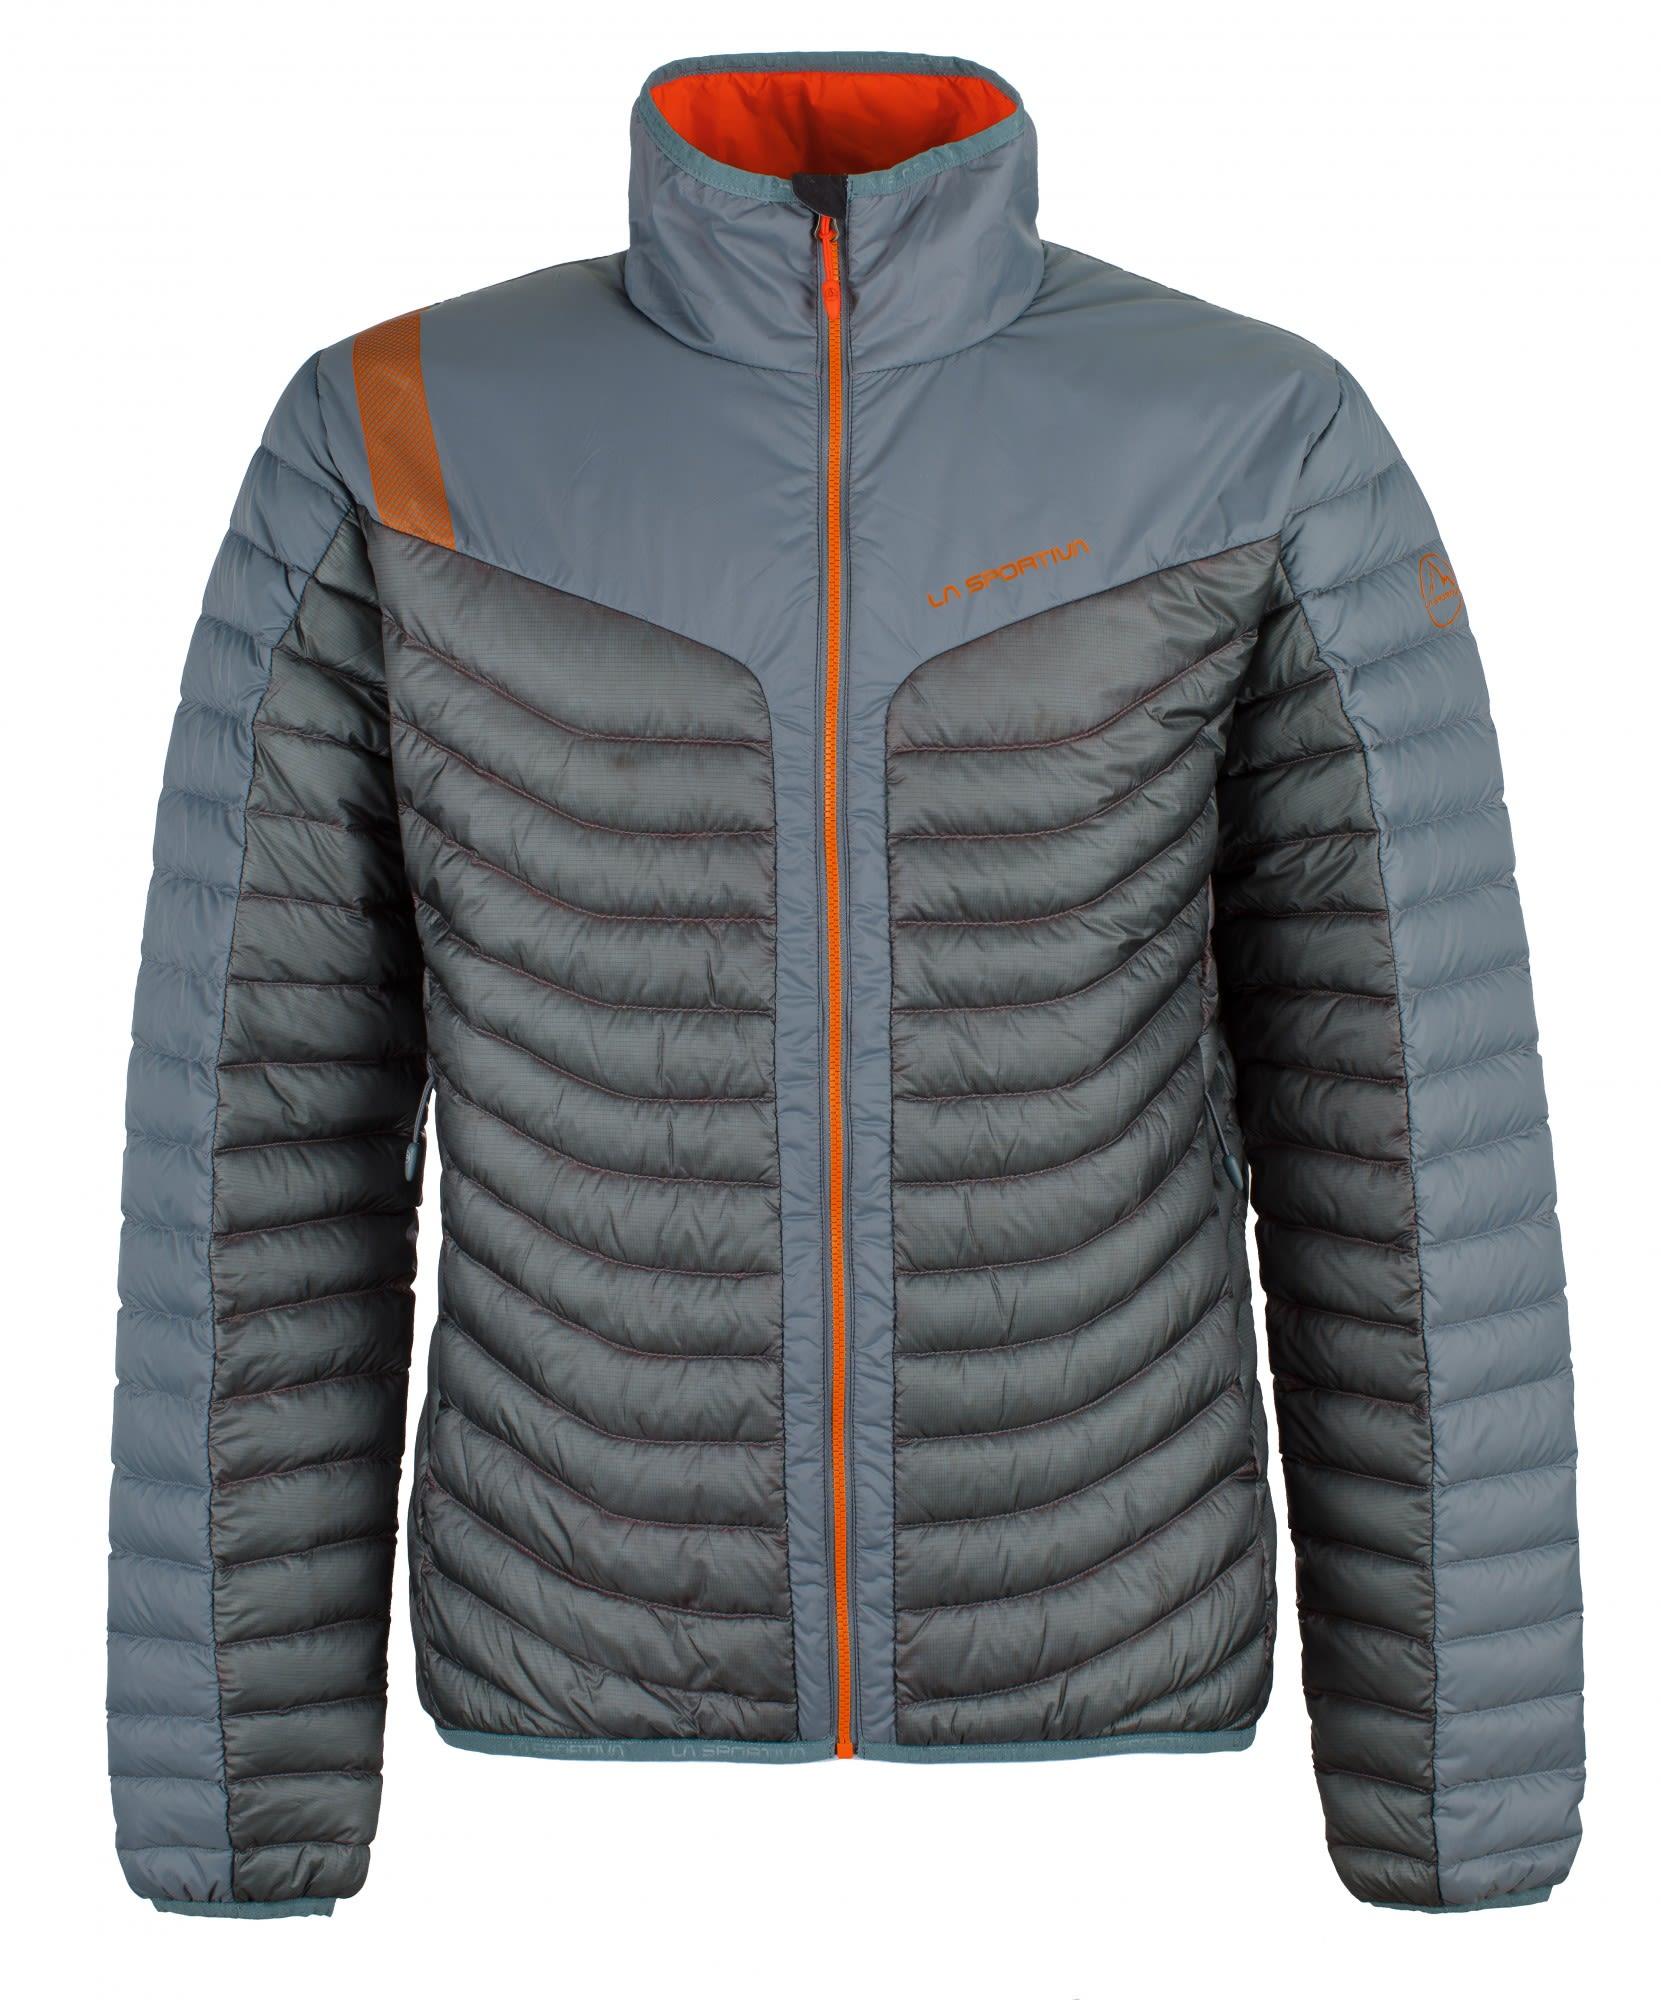 La Sportiva M Combin Down Jacket | Größe S,M,L,XL,XXL | Herren Daunenjacke